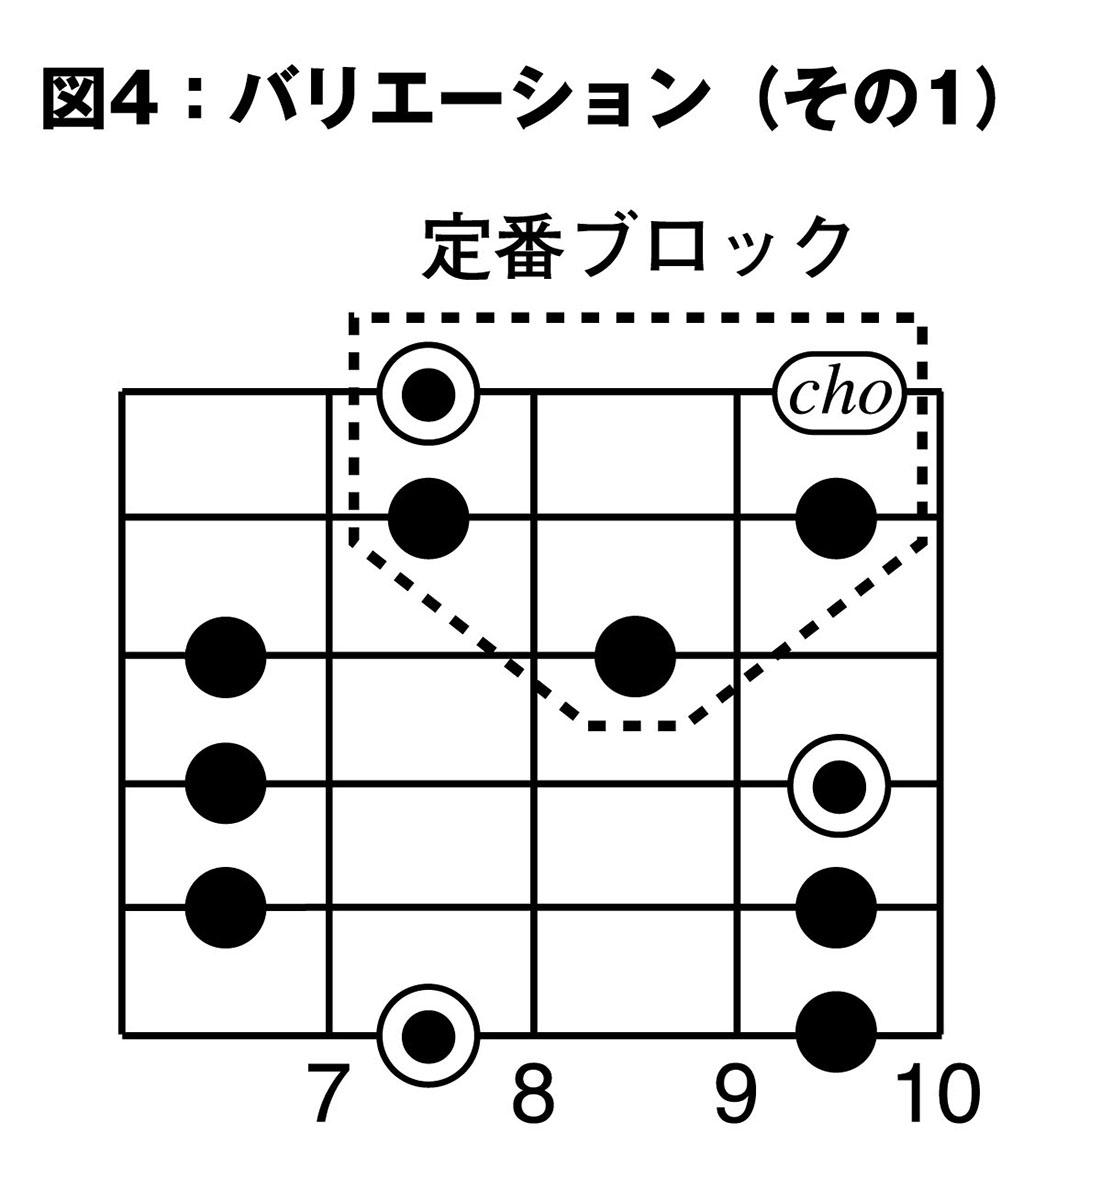 ペンタトニック メジャー 【構成】ペンタトニックスケールの基本!メジャー・マイナーの違いやギターでの使い方とは? 2021年5月